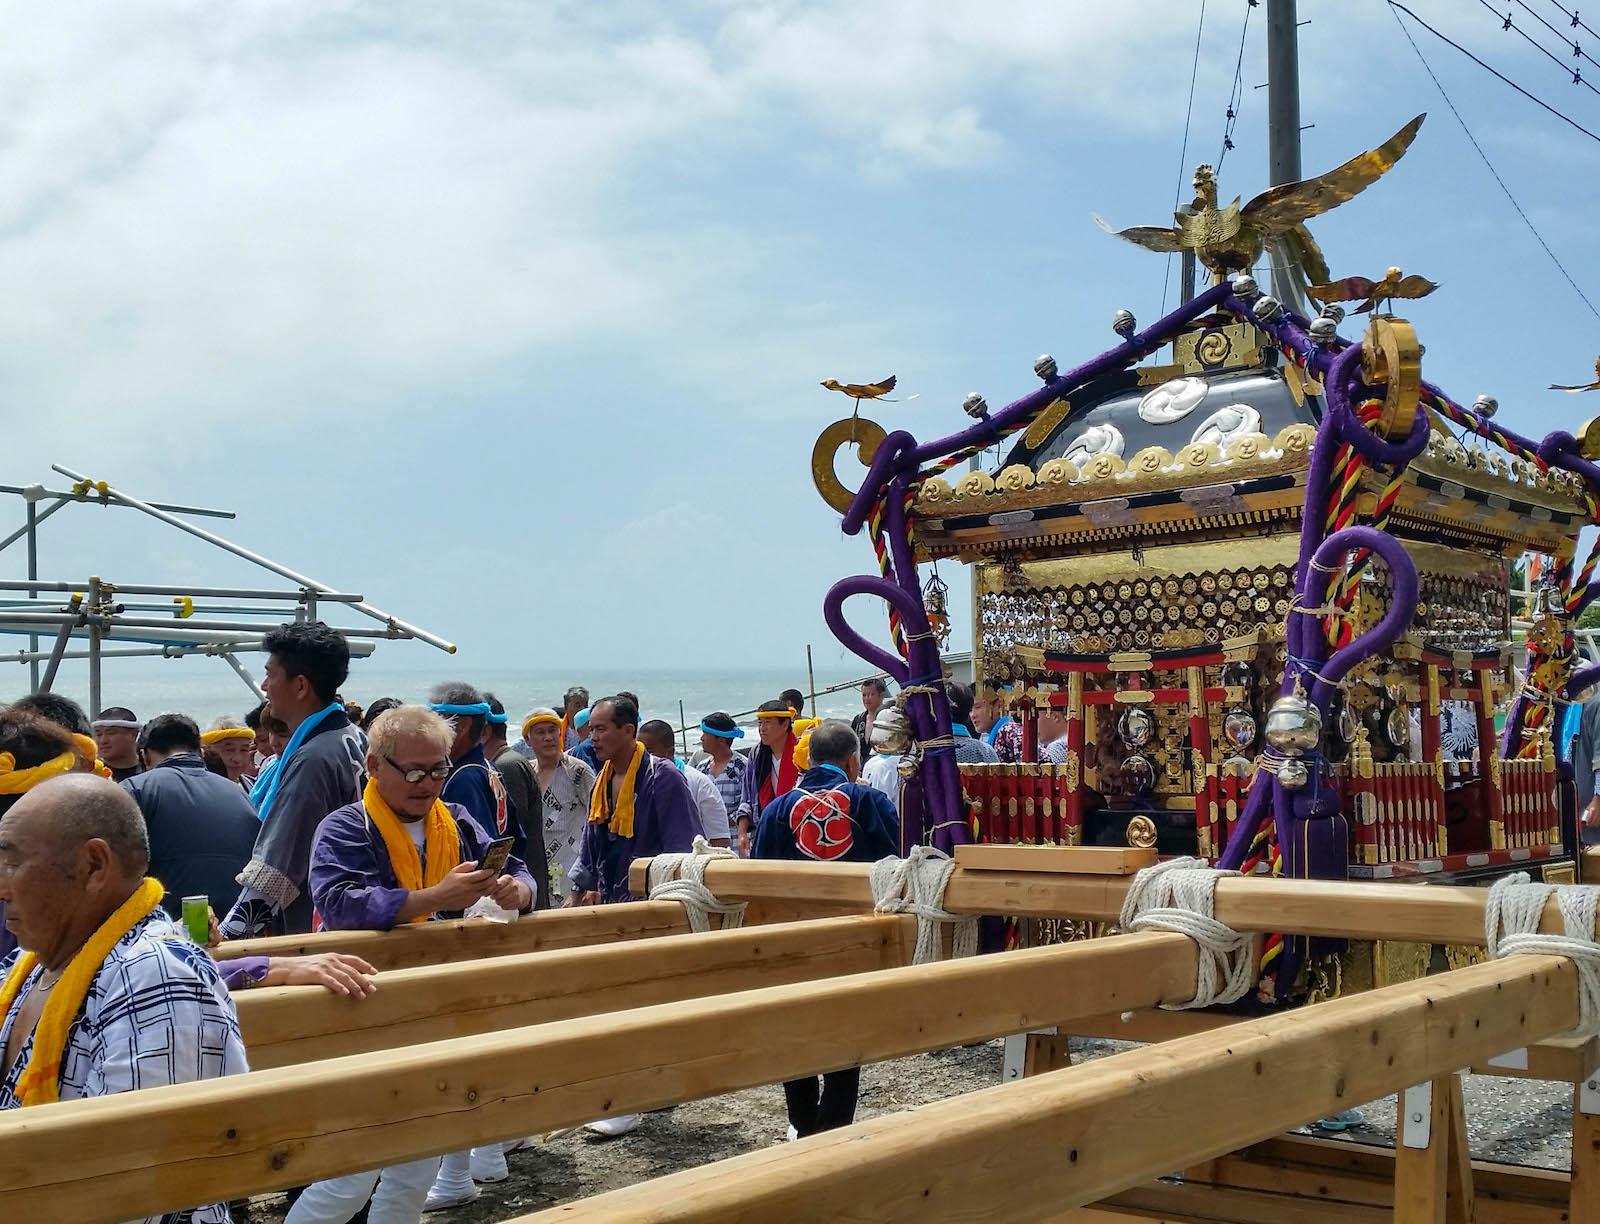 五穀豊穣と大漁祈願を願う天津須賀神社の例祭。祭事の資金を地曳網の売り上げからまかなう